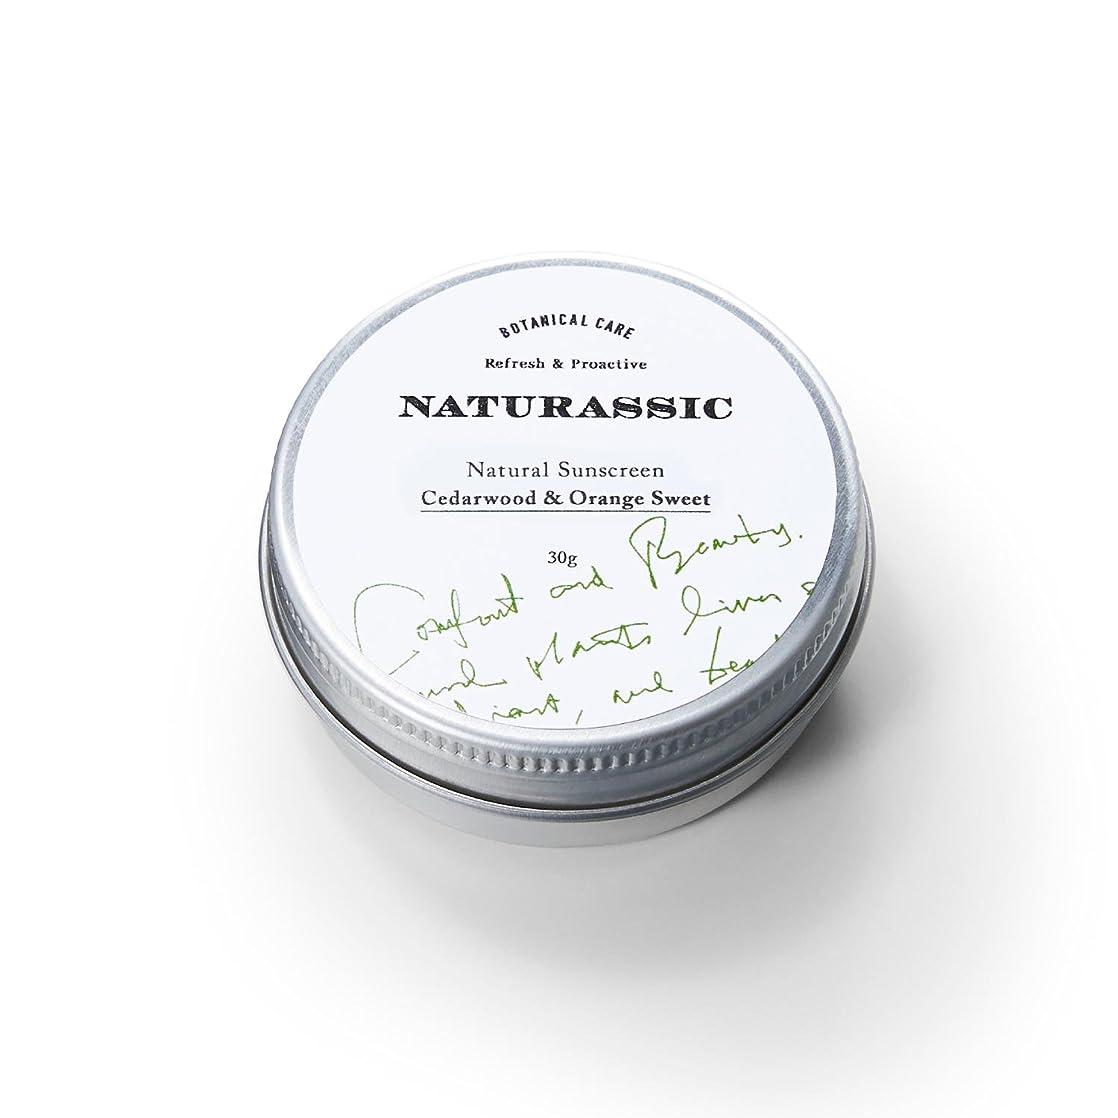 安心させるグレー息切れナチュラシック ナチュラルサンスクリーンCO シダーウッド&オレンジスイートの香り 30g [天然由来成分100%]